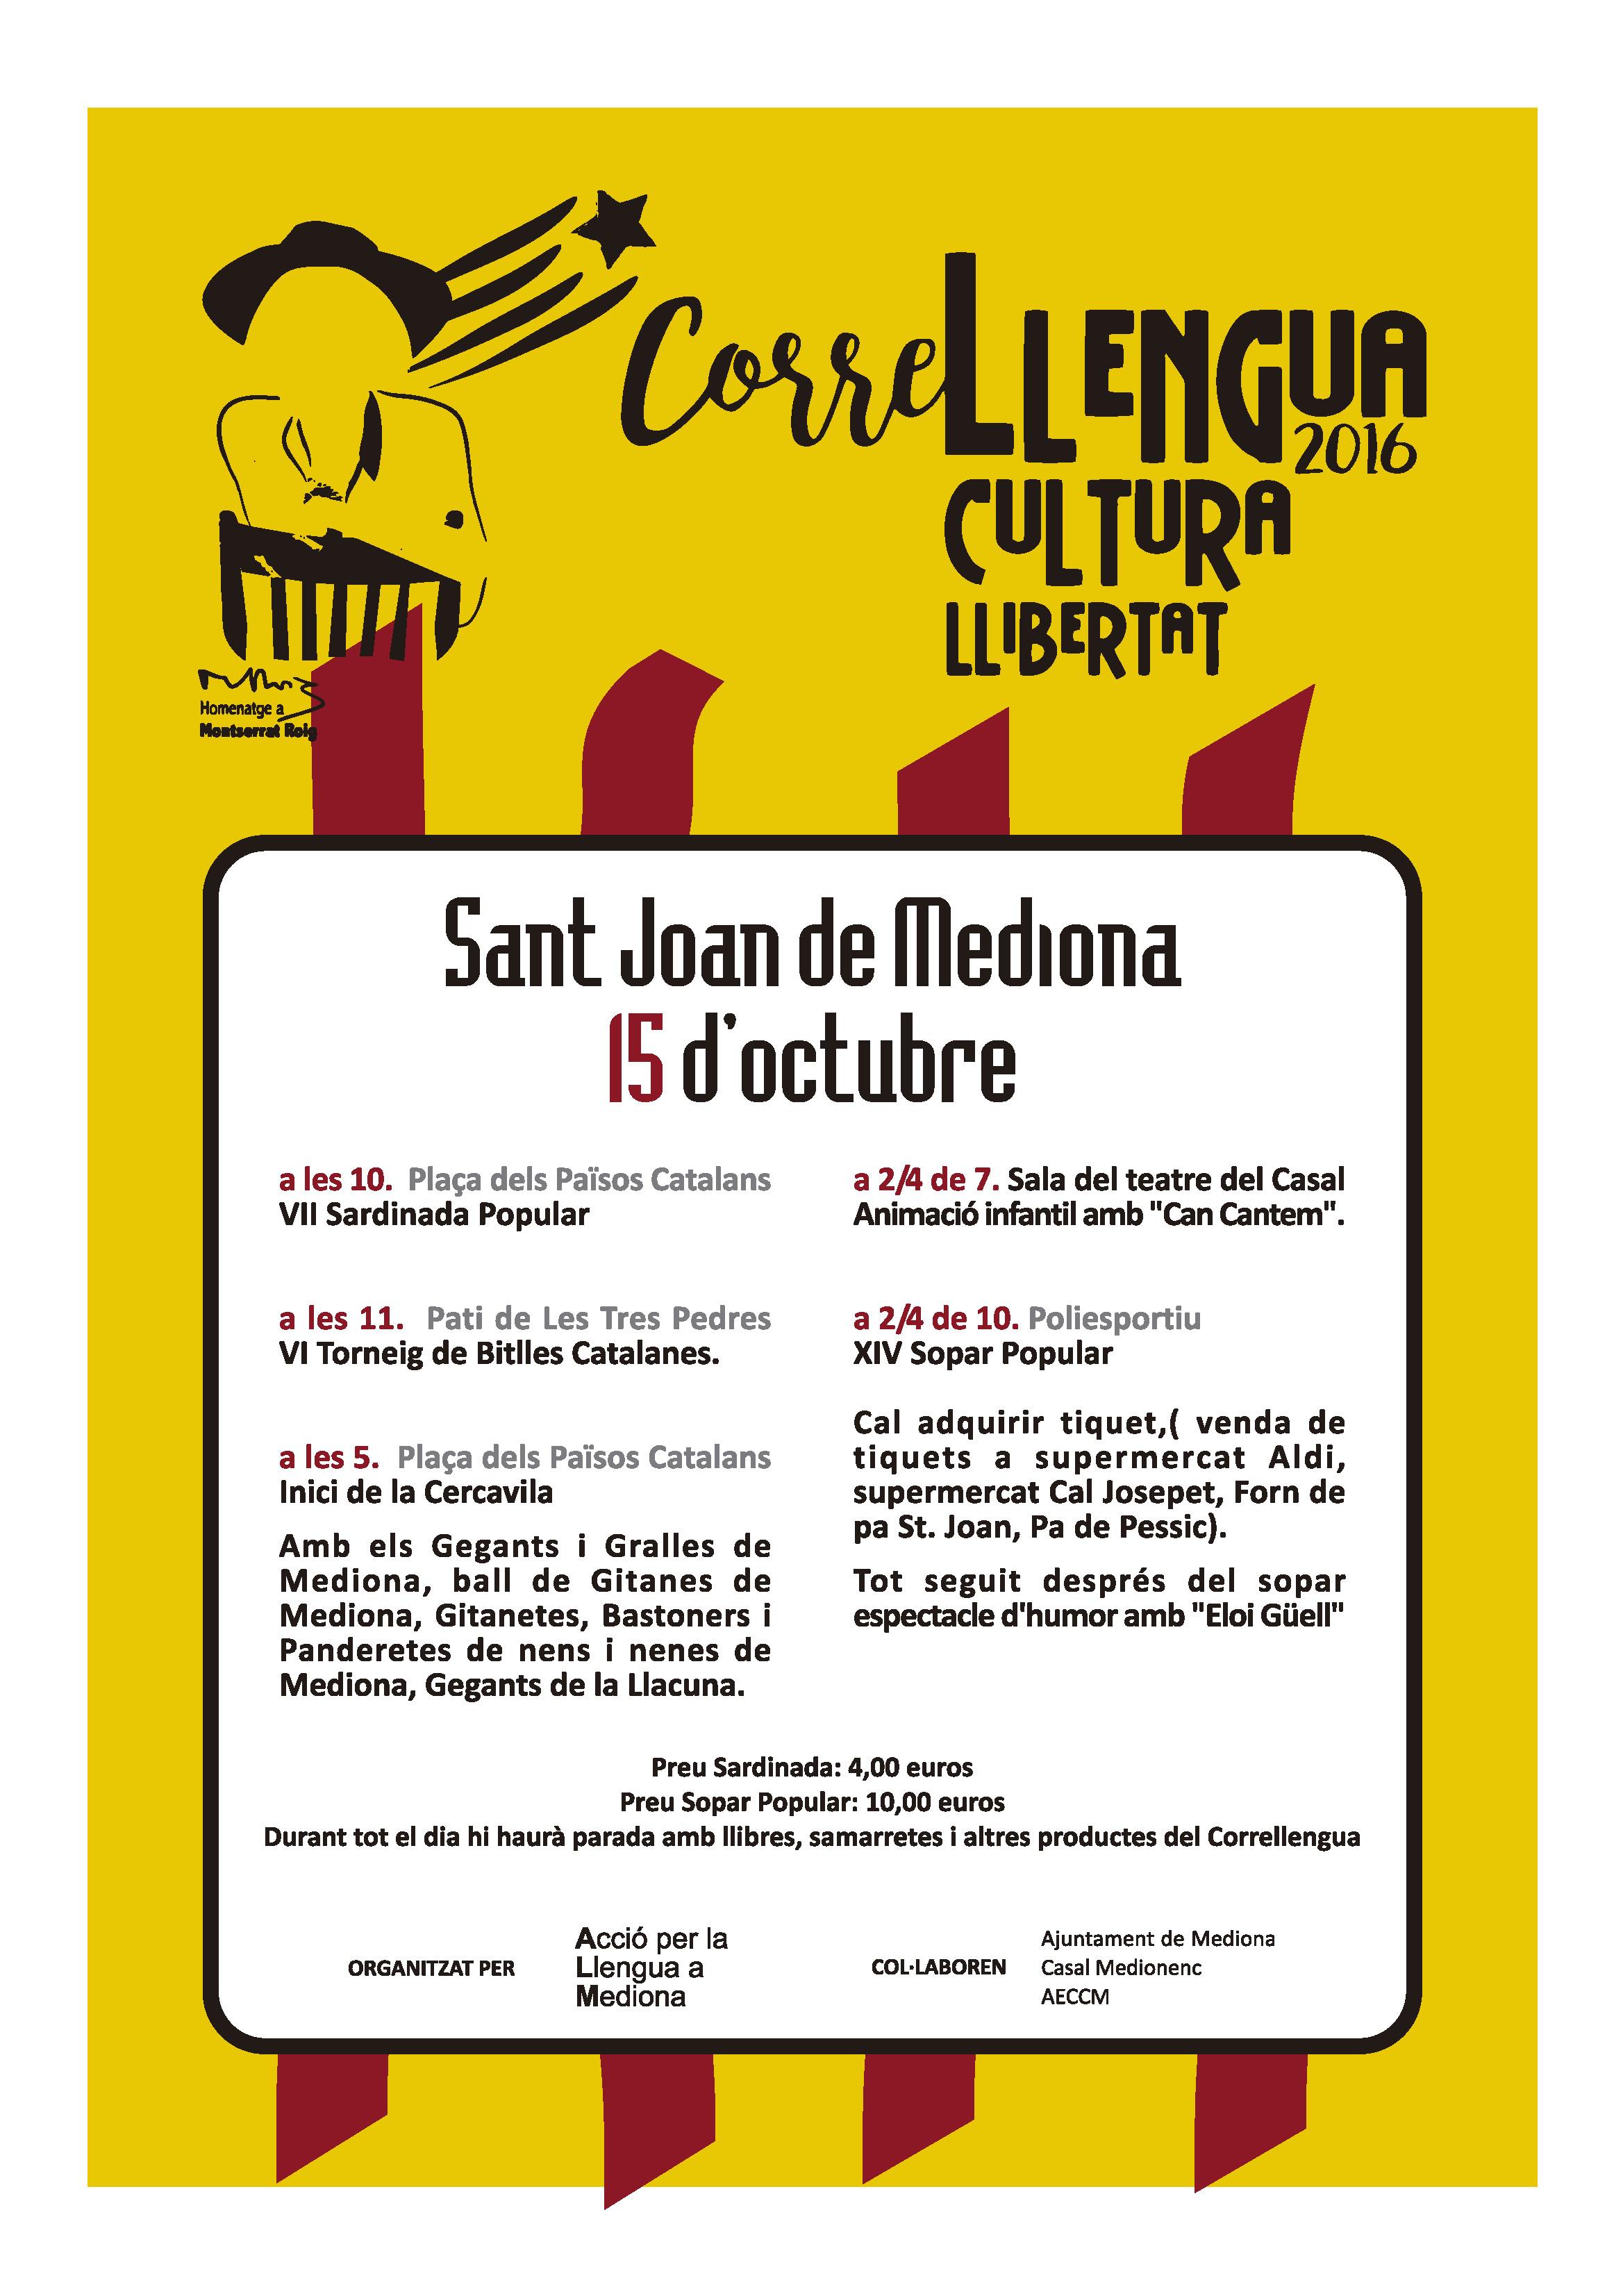 sant-joan-de-mediona